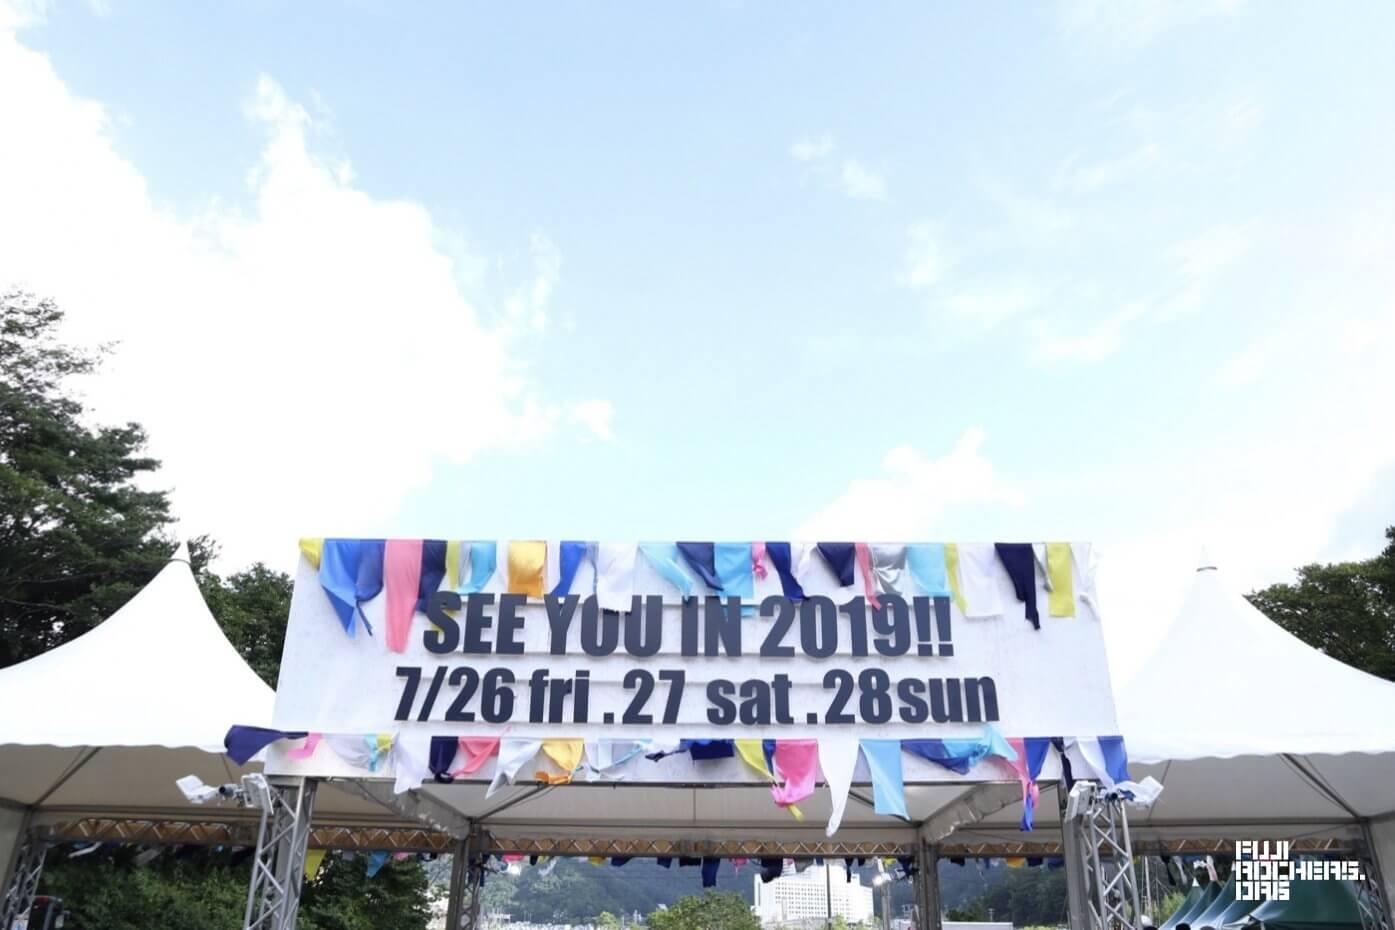 【速報!】Fuji Rock Festival '19の開催が決定!!!